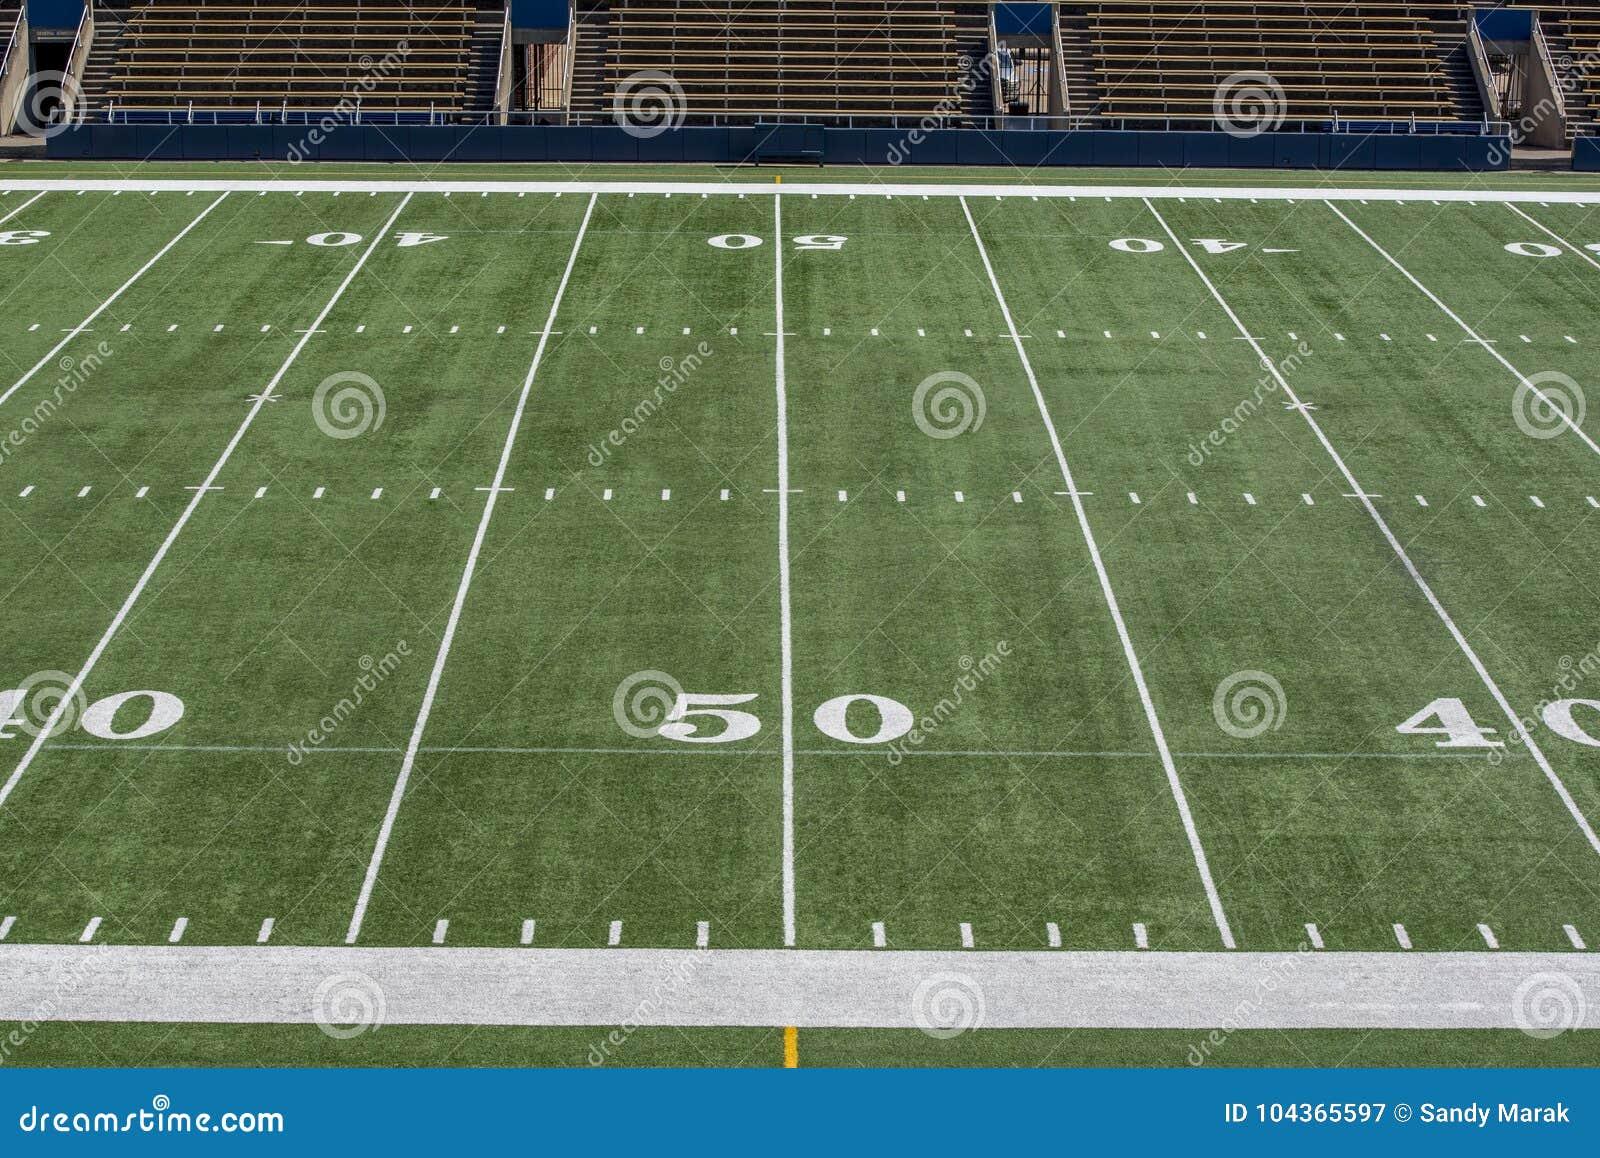 Amerikaans voetbalgebied met 50 yard lijn